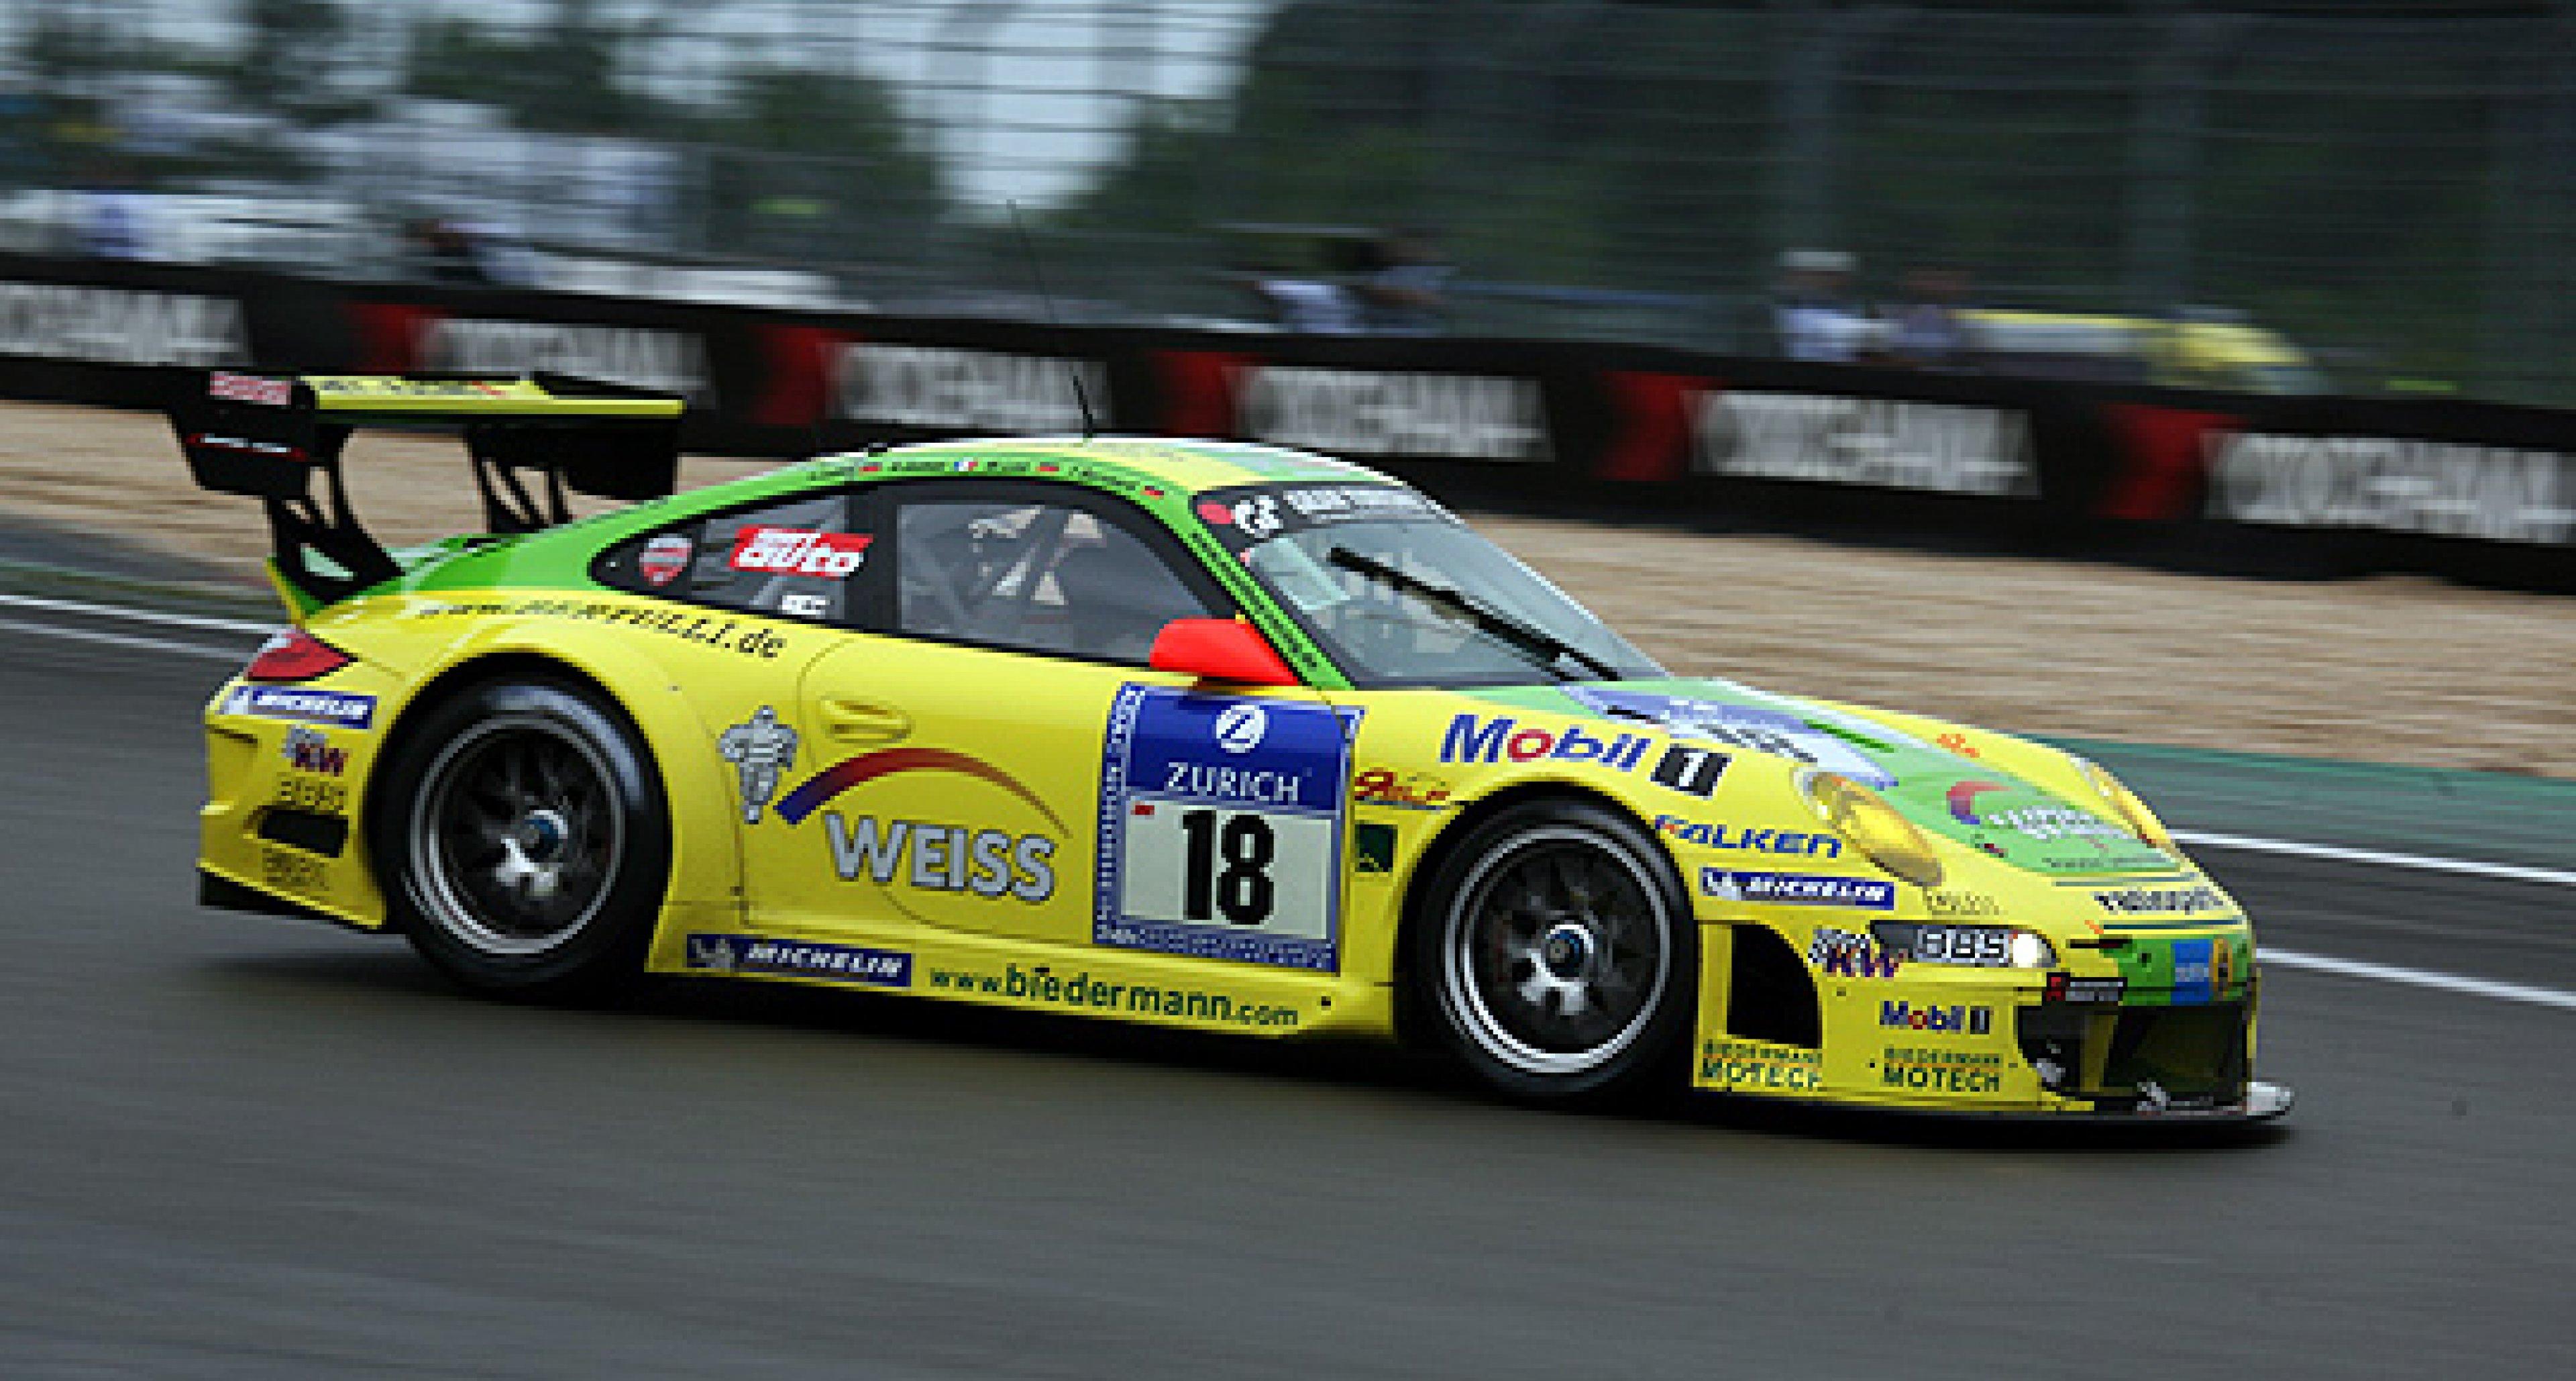 Manthey-Porsche gewinnt das 24h-Rennen am Nürburgring